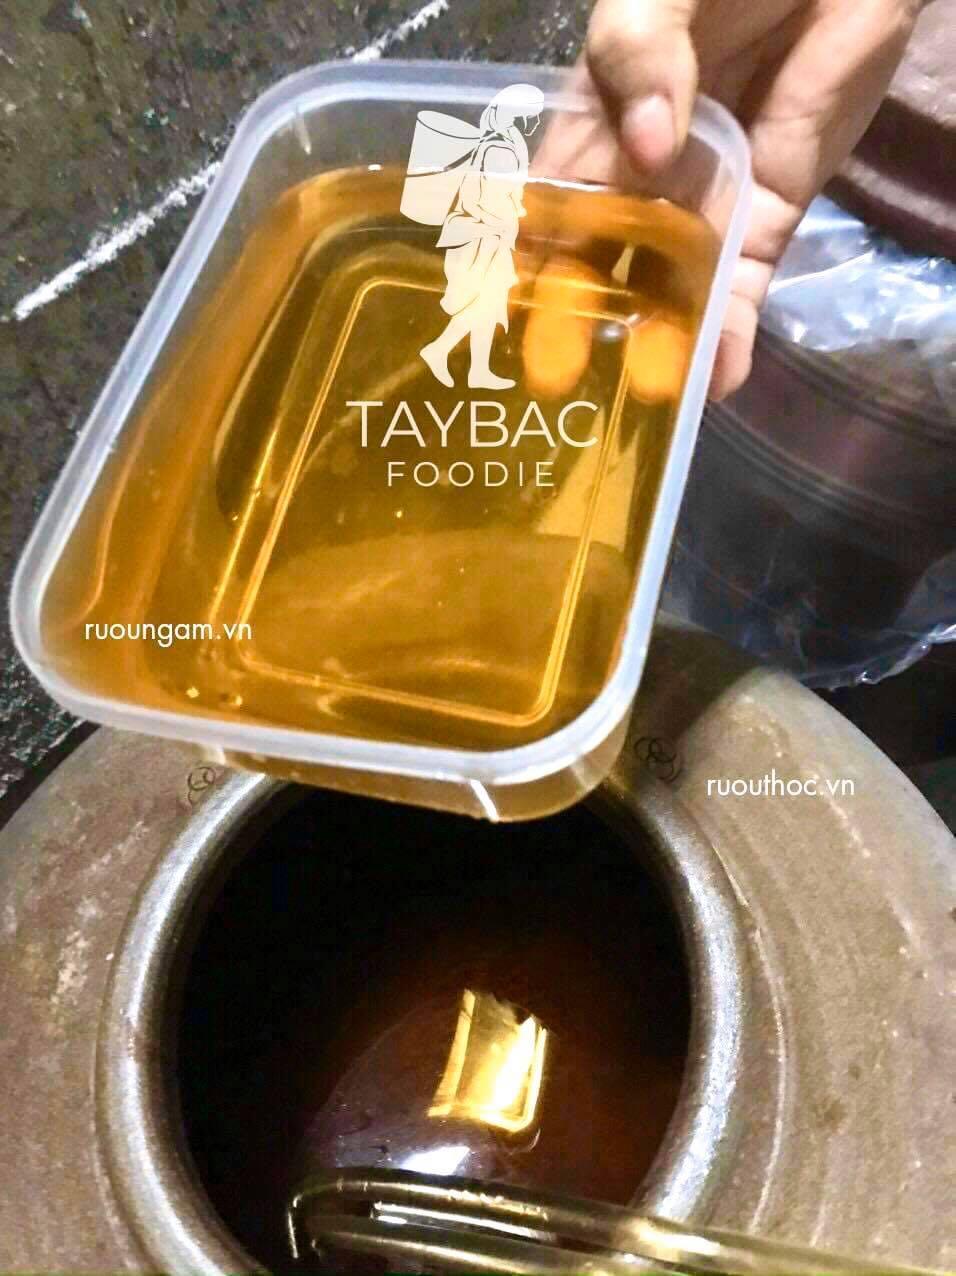 Rượp nếp hoa vàng của Công ty được ủ hạ thổ 36 tháng rất chất lượng